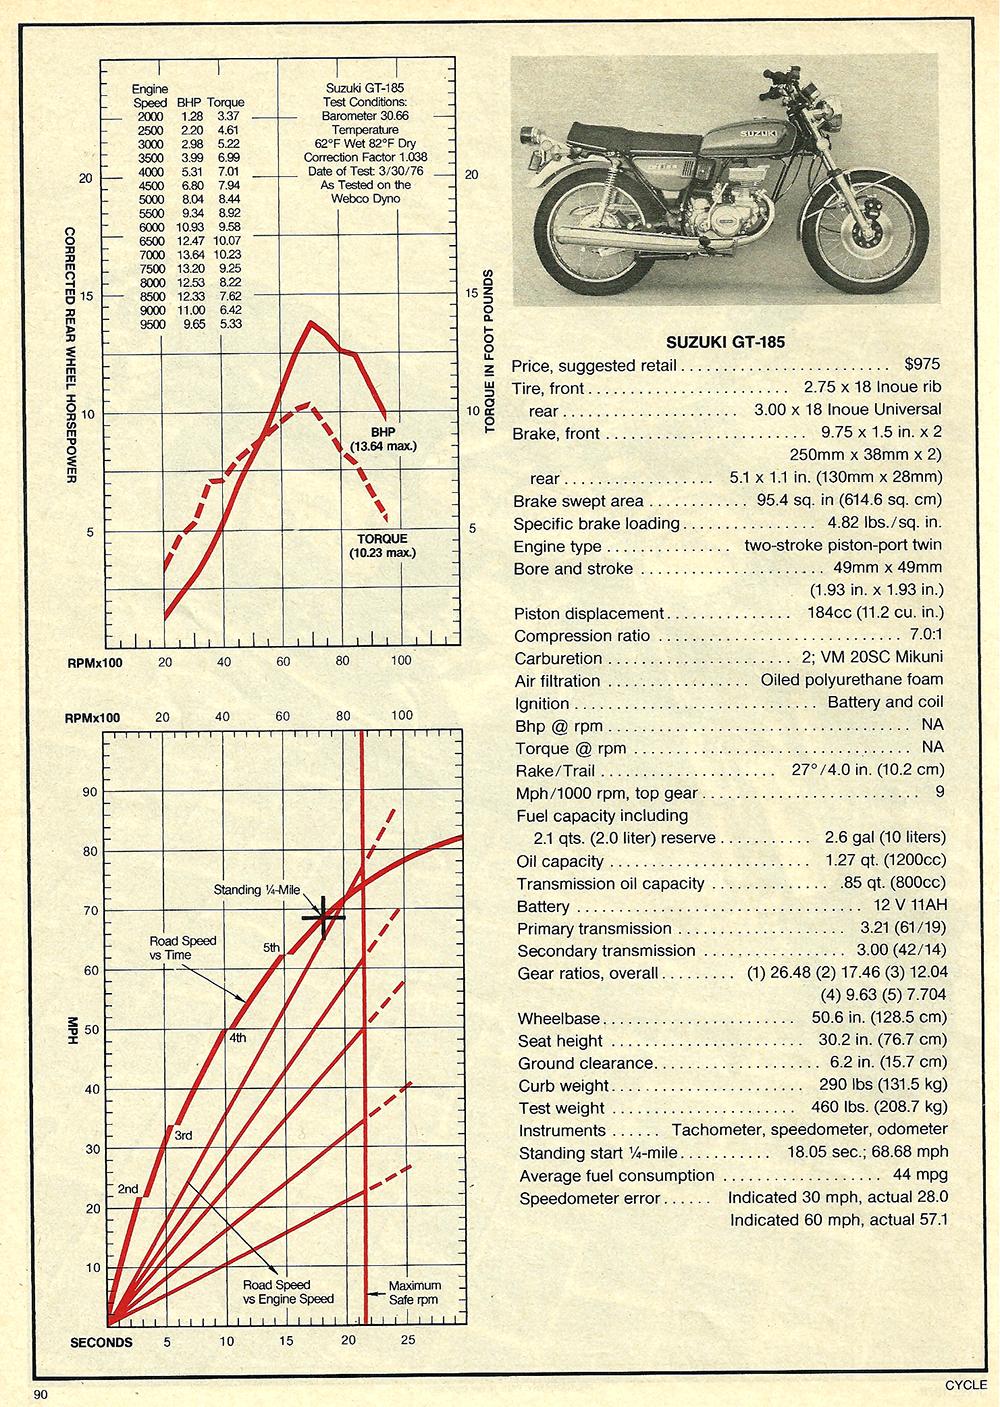 1976 Suzuki GT185 road test 3.jpg